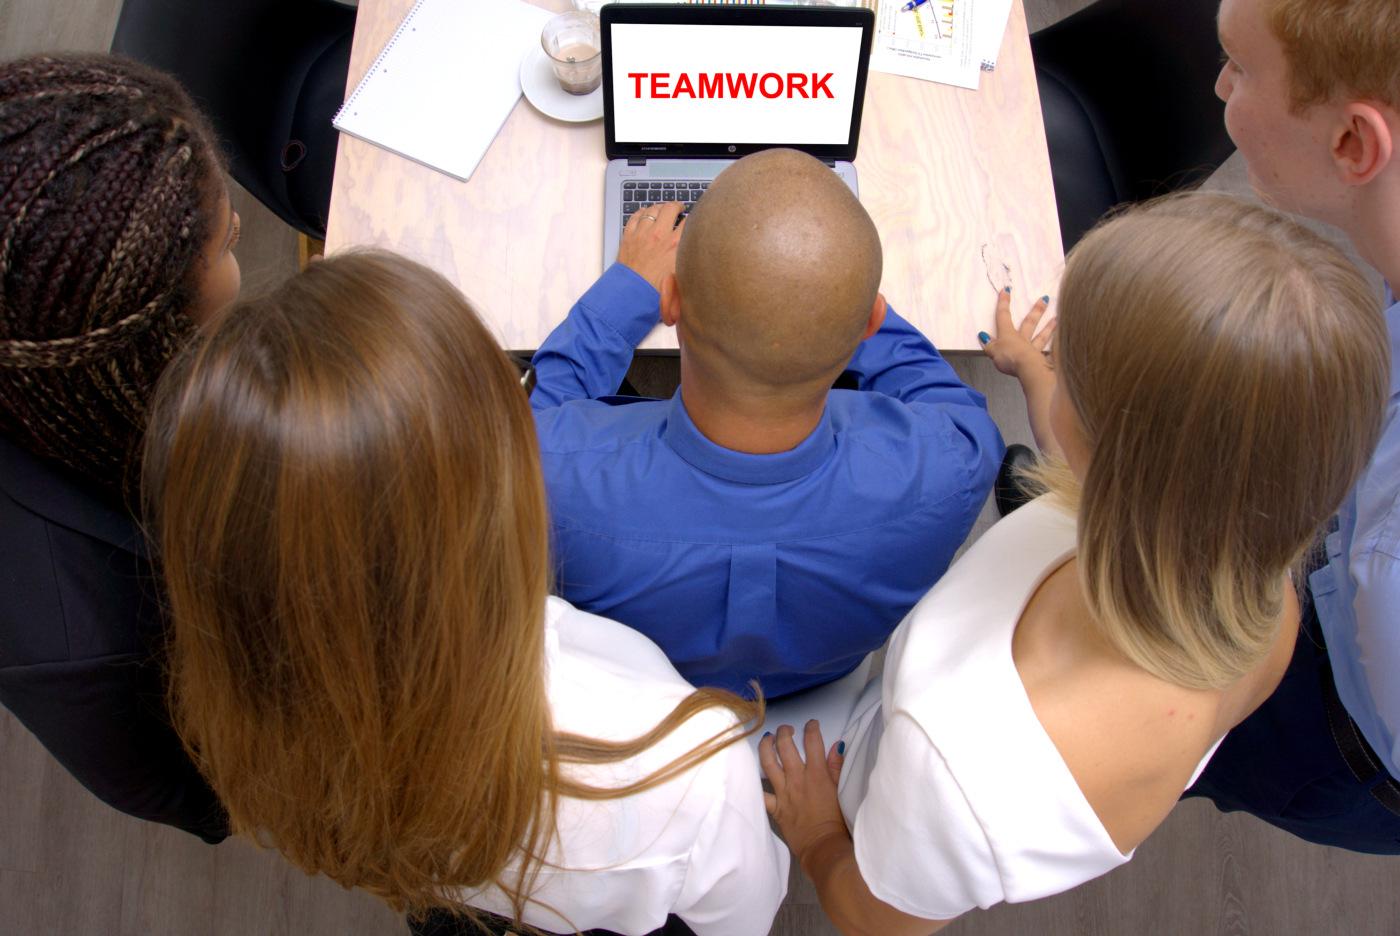 Teamwork – Wir arbeiten zusammen